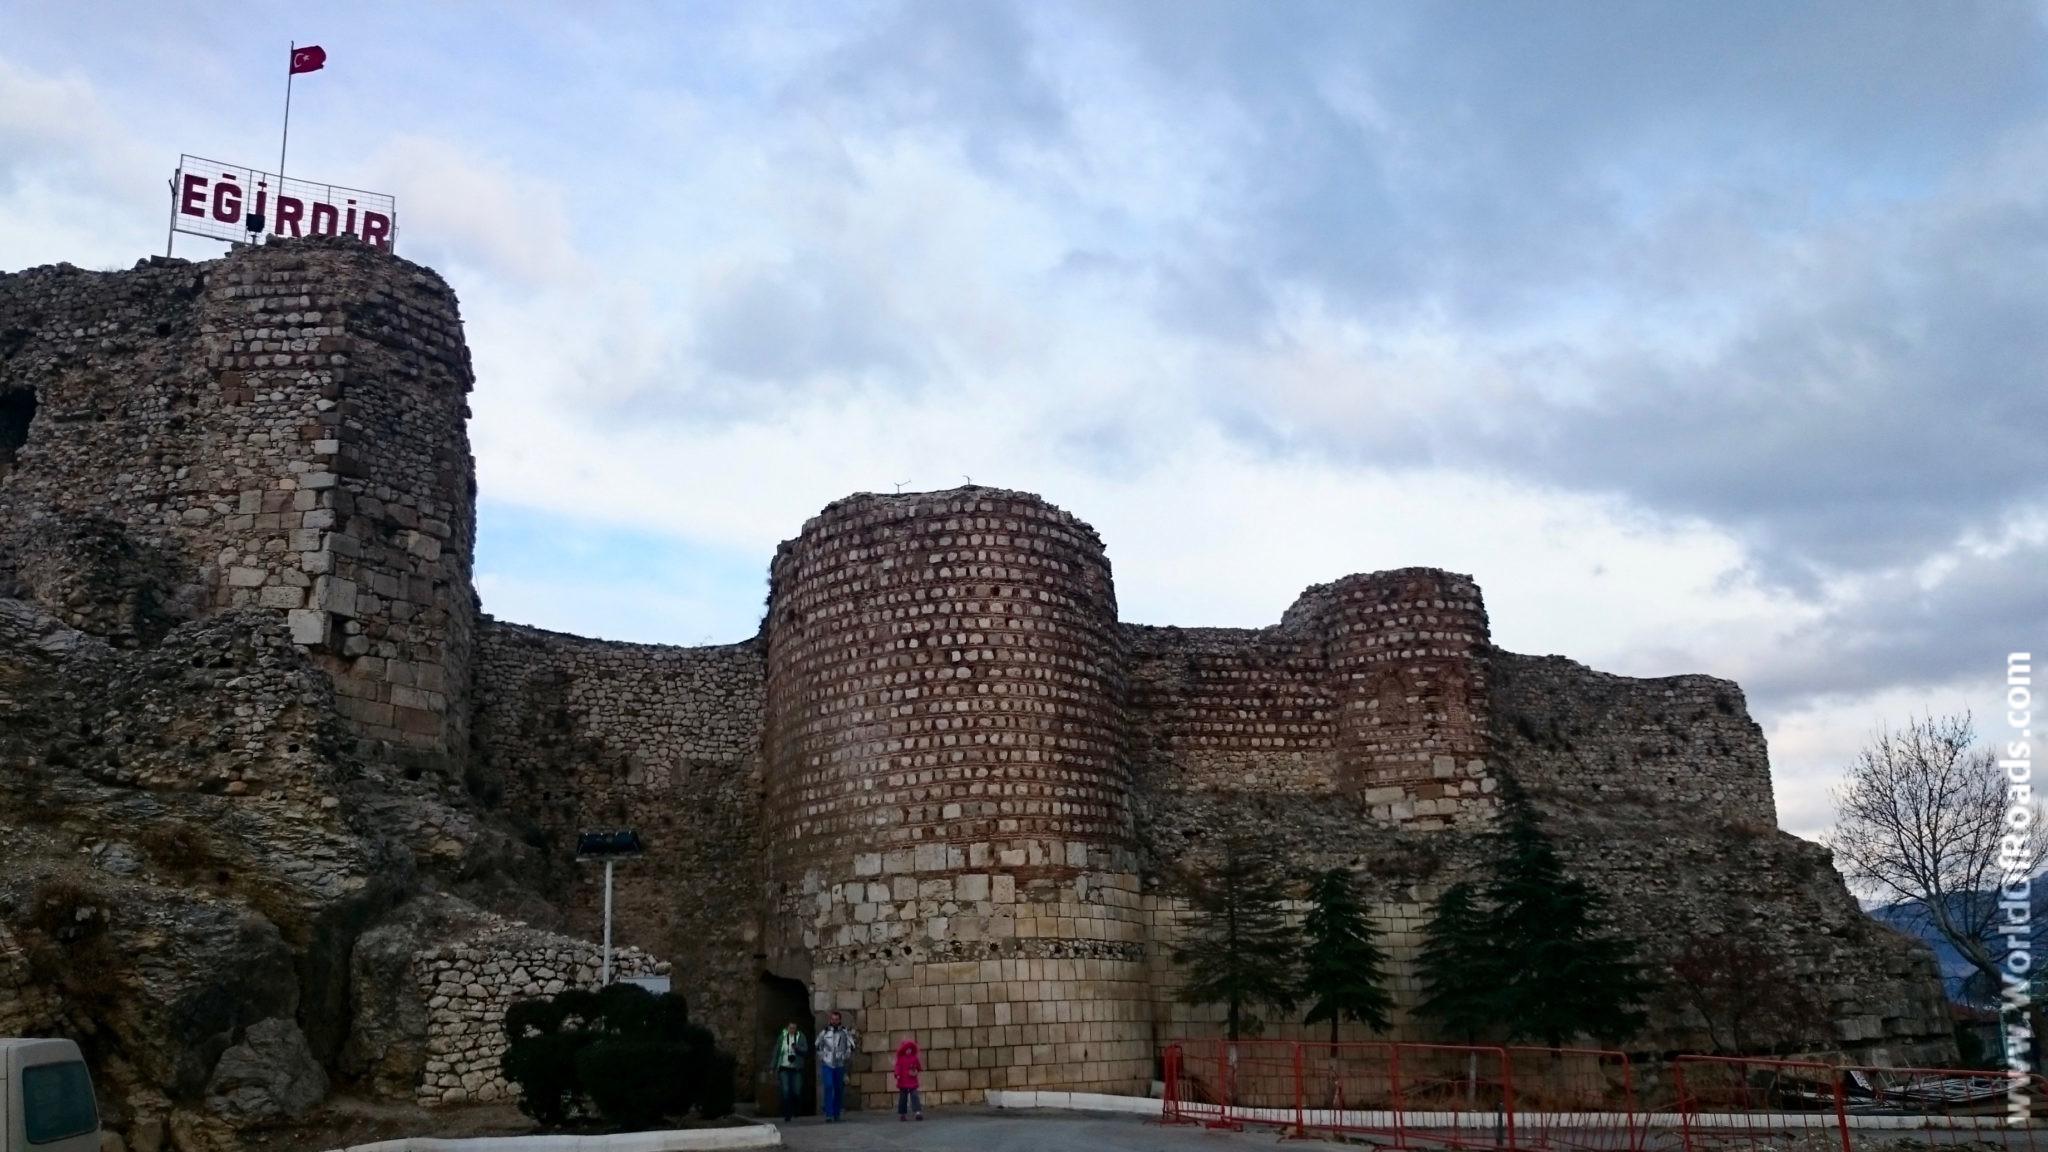 Крепость Эгирдир